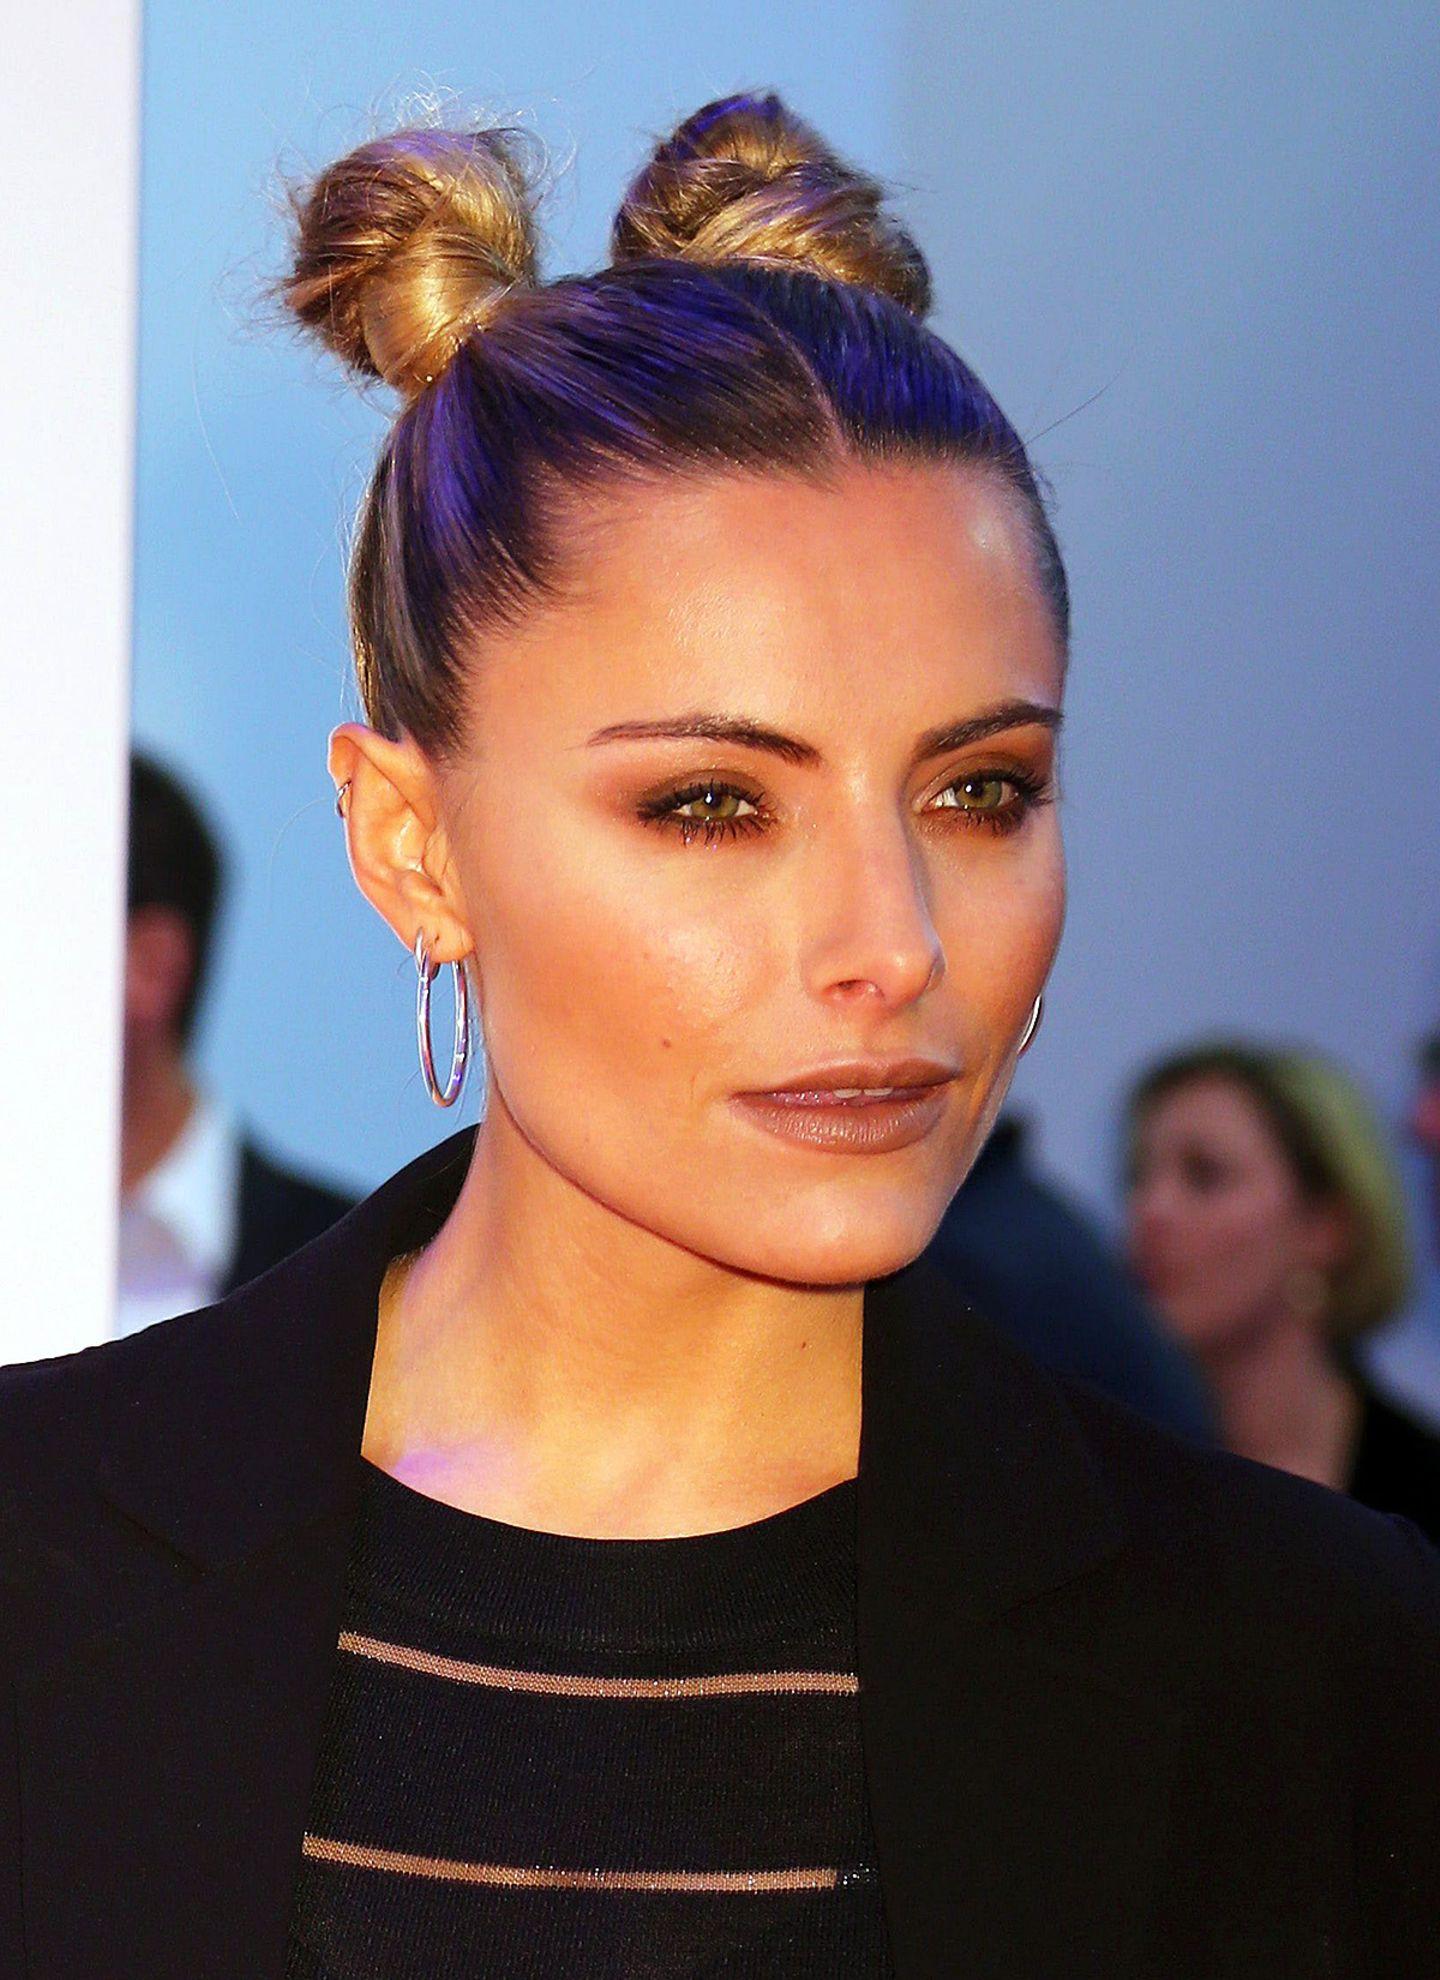 Auf Sophia Thomallas Kopf sehen auch kindliche Frisuren wie dieser Doppel-Dutt noch stylisch aus.